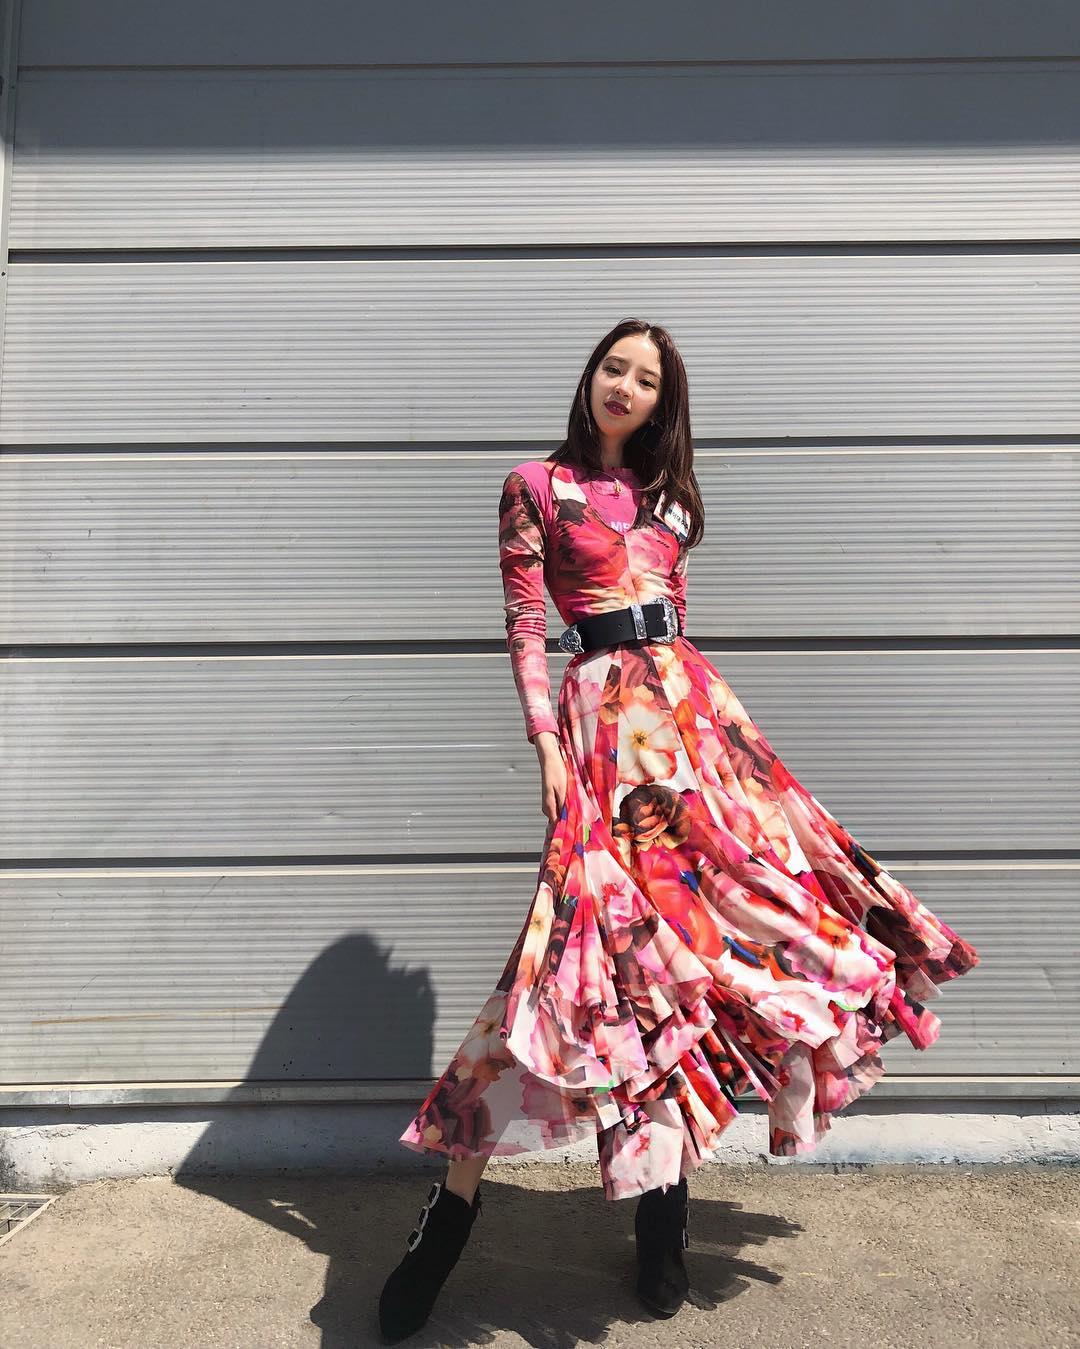 đầm cho dáng hình chữ nhật đầm váy xòe hồng tay dài irene kim